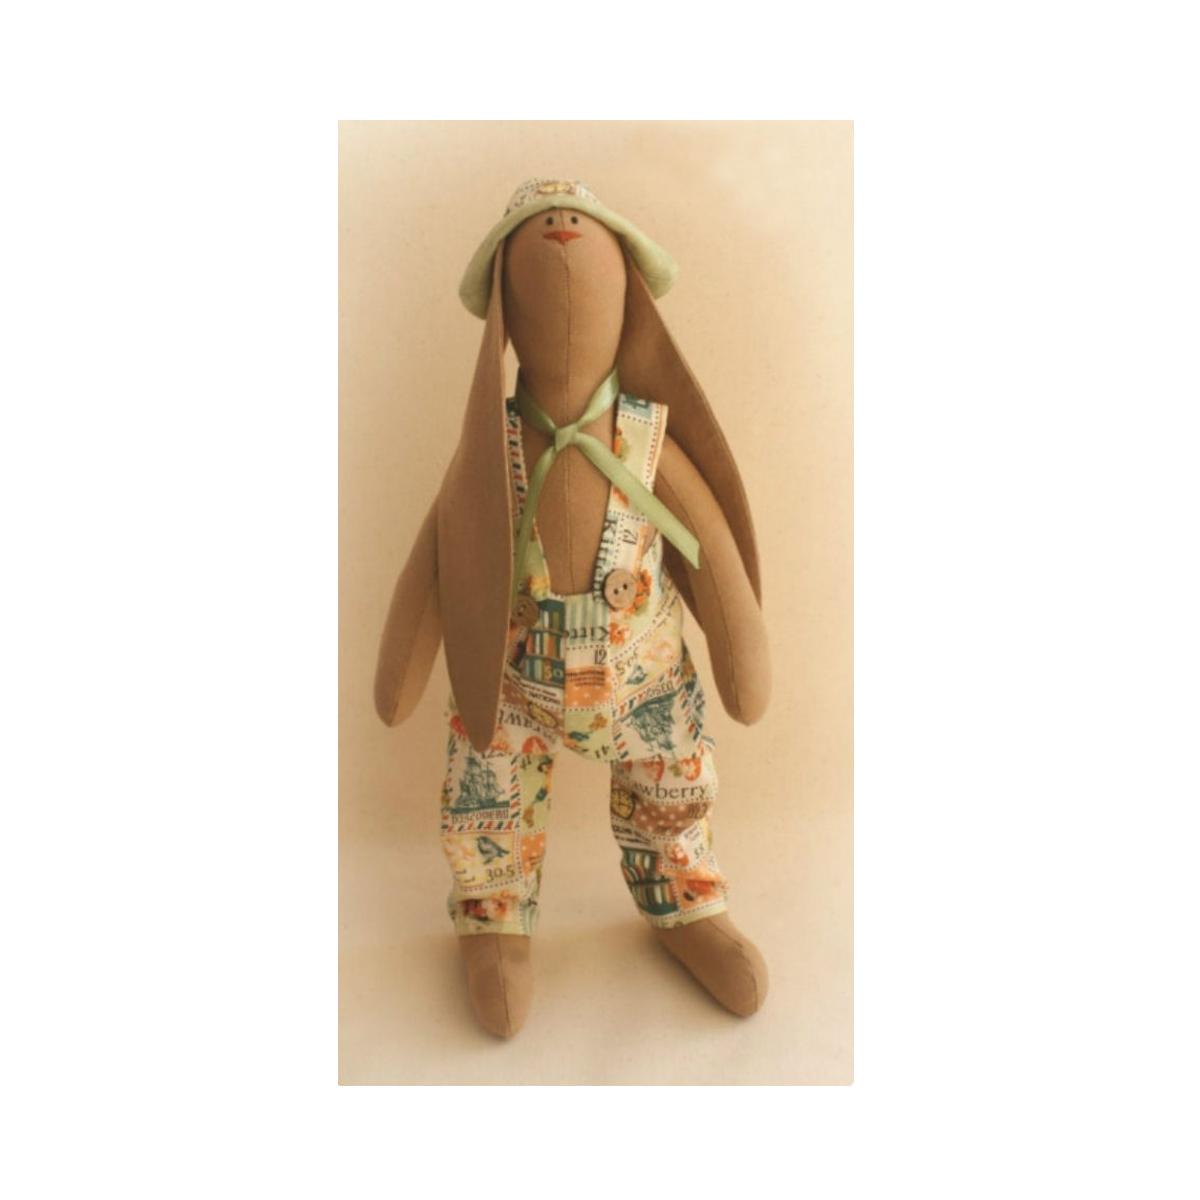 Набор для изготовления куклы Ваниль RabbitS Story, 29 см. R002692490Процесс создания игрушки своими руками - это всегда увлекательное и захватывающее занятие. В состав набора входит: 100% хлопок, пуговицы, нитки, атласная лента, деревянная палочка, выкройка, инструкция.